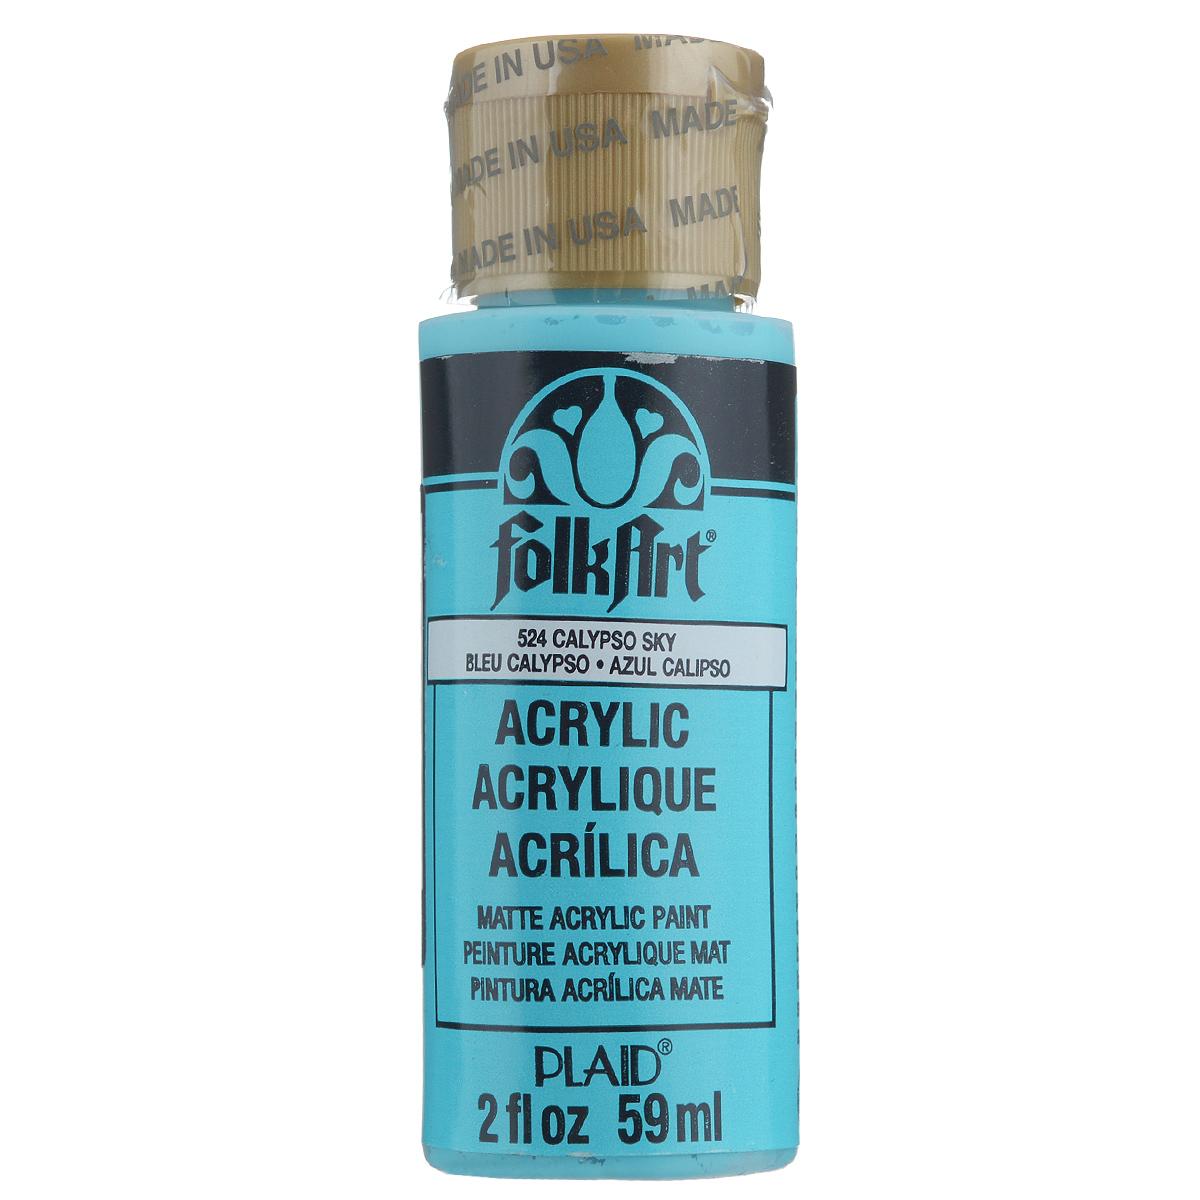 Акриловая краска FolkArt, цвет: голубой, 59 млFS-00103Акриловая краска FolkArt выполнена на водной основе и предназначена для рисования на пористых поверхностях. Краска устойчива к погодным и ультрафиолетовым воздействиям. Не нуждается в дополнительном покрытии герметиком. После высыхания имеет глянцевый вид.Изделия покрытые краской FolkArt, прекрасно дополнят ваш интерьер. Объем: 59 мл.